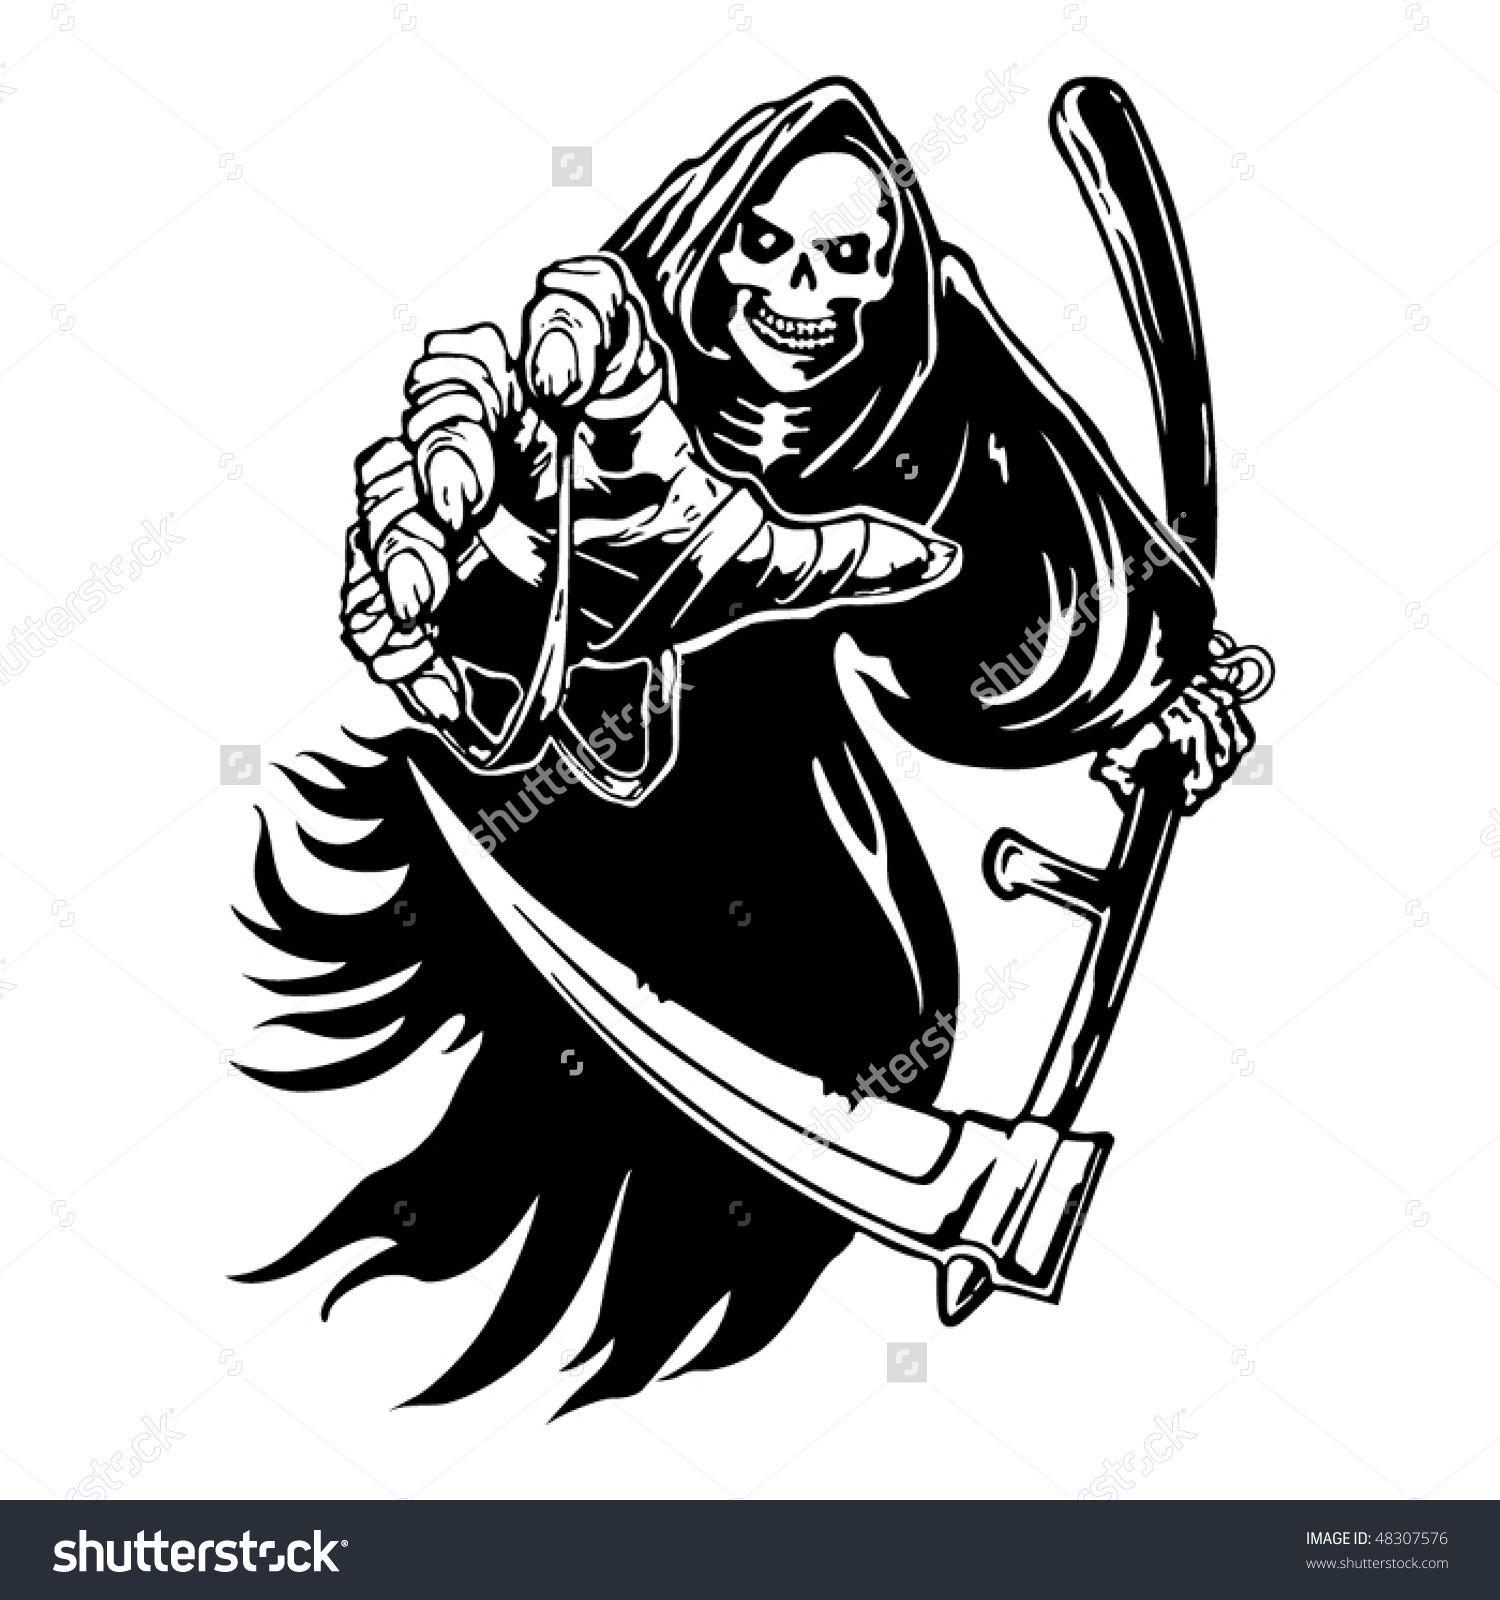 20+ Grim Reaper Clipart Black And White